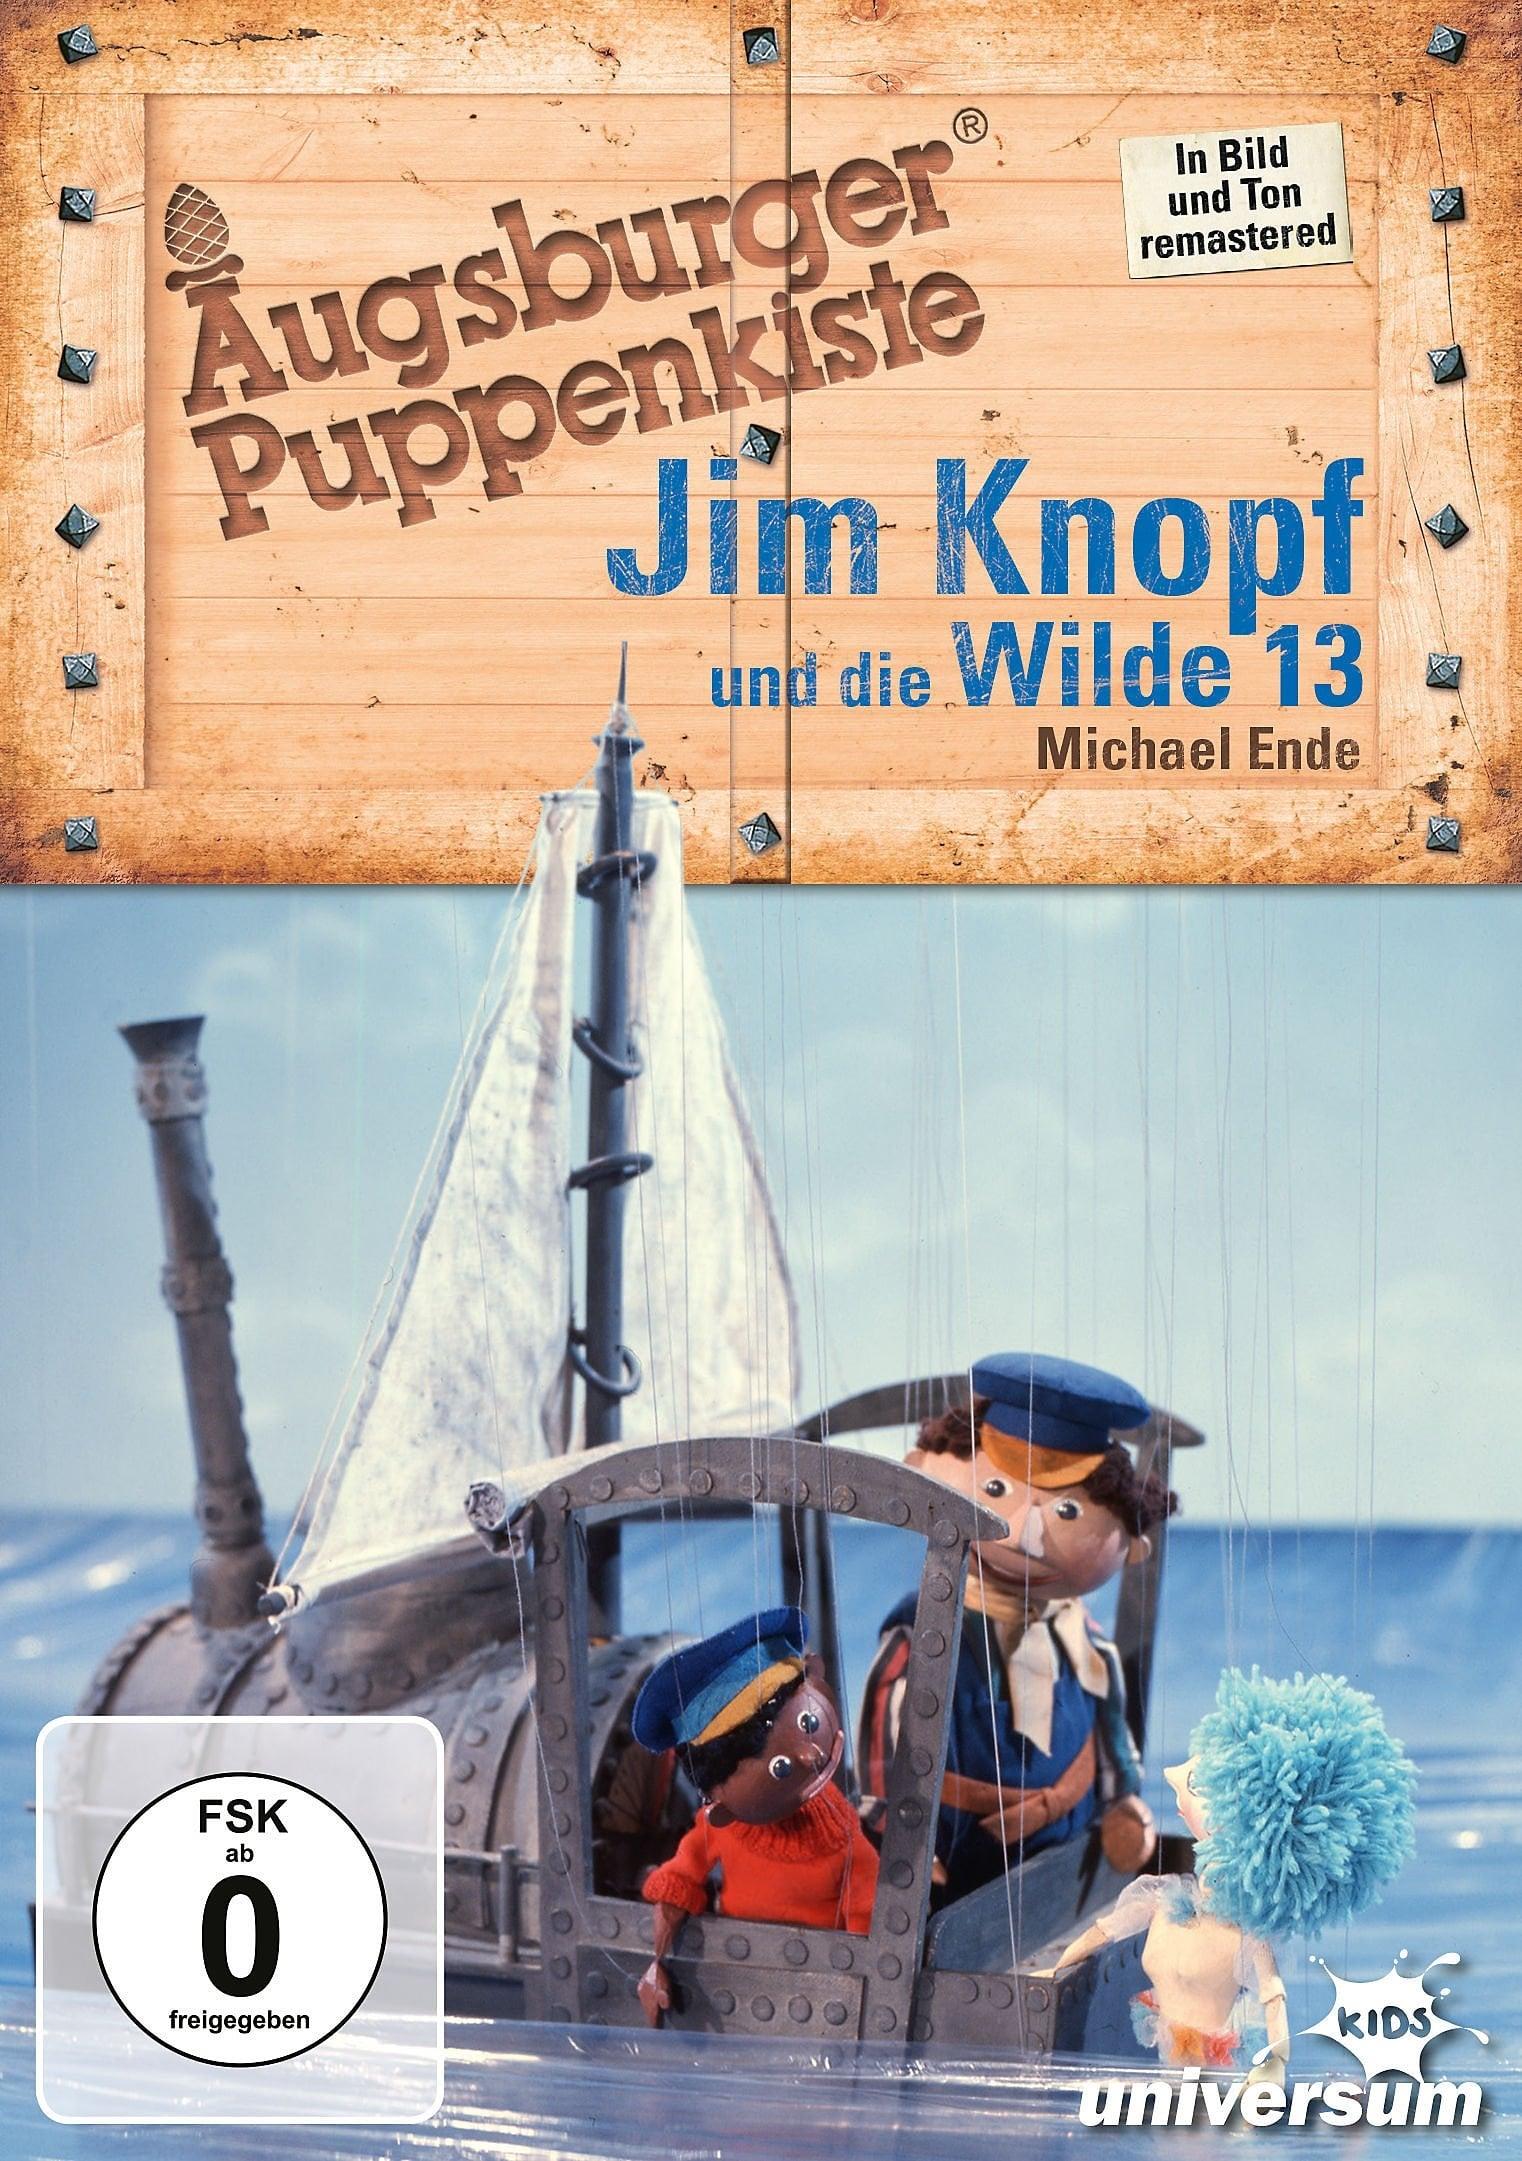 Jim Knopf und die Wilde 13 (1978)